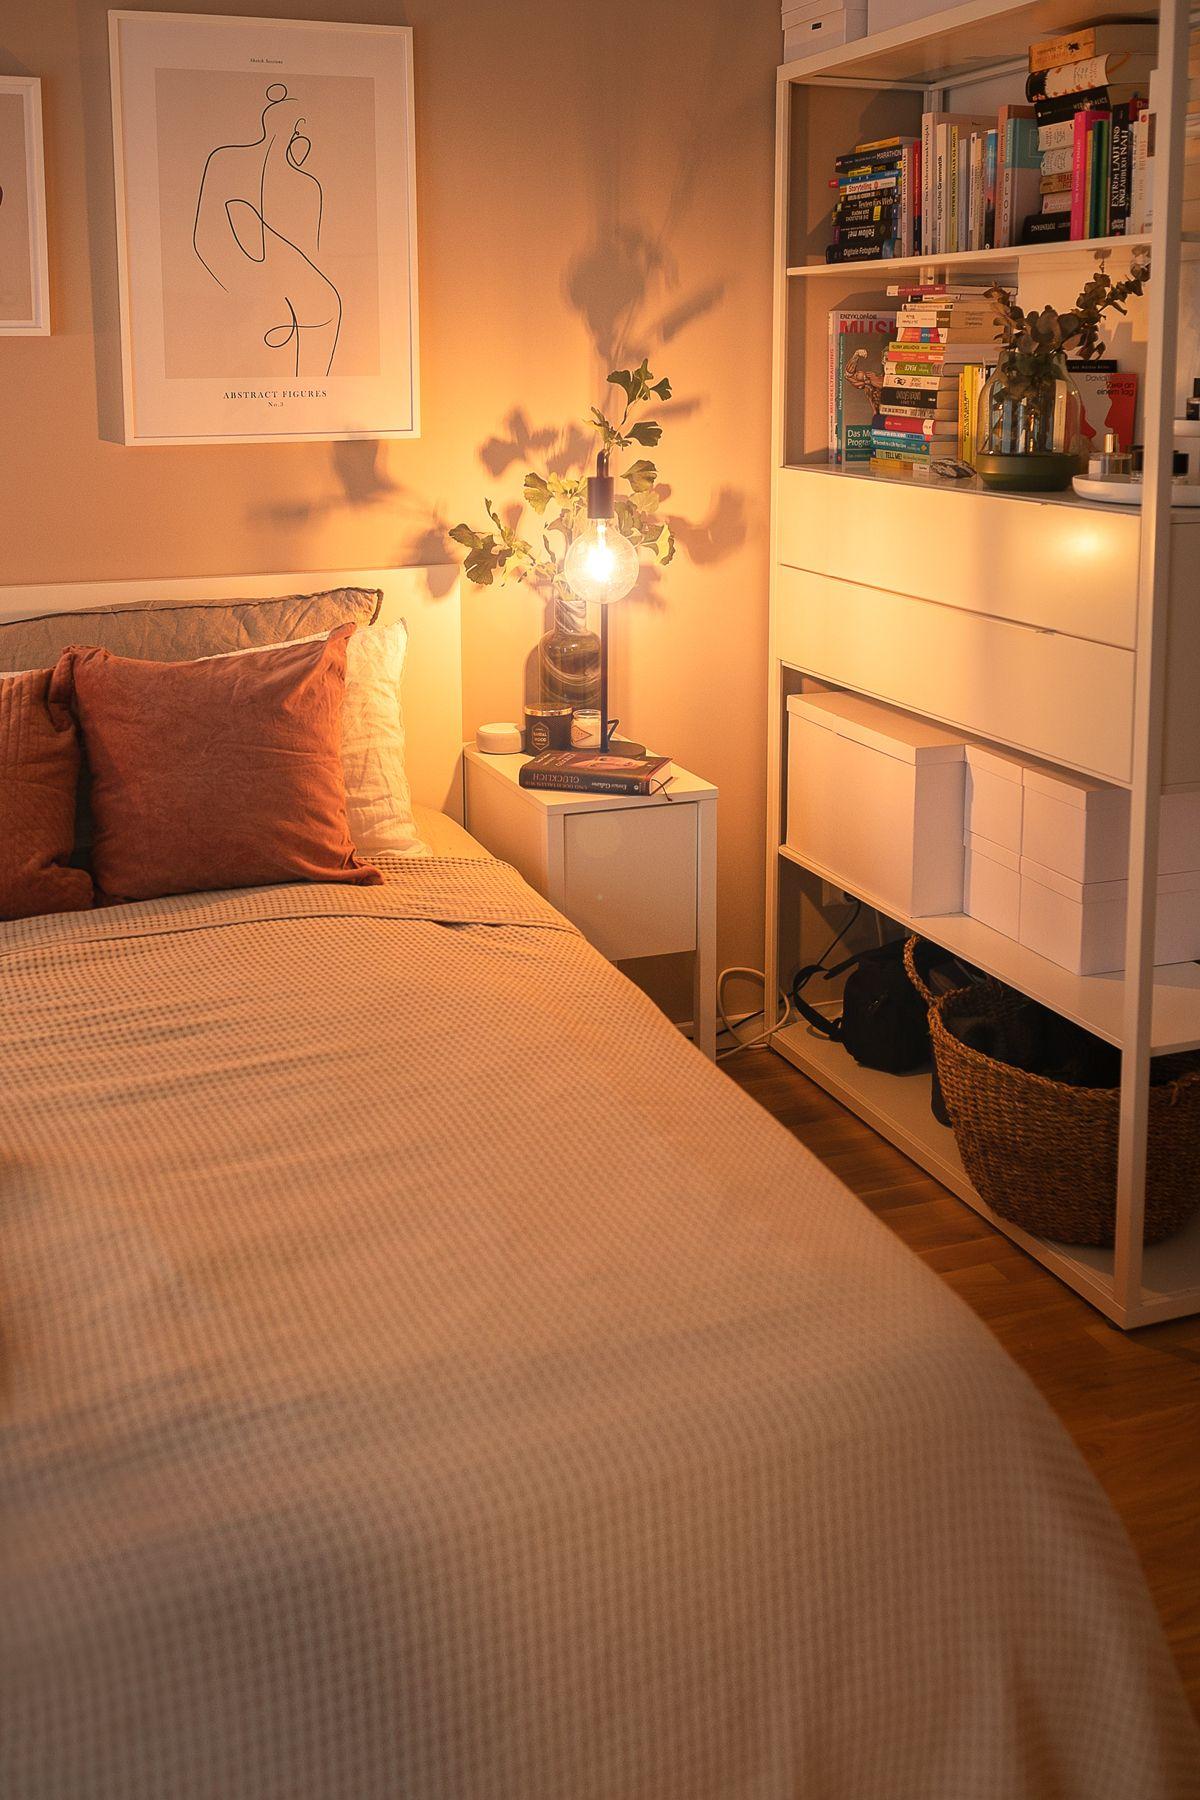 Schlafzimmer Update: So habe ich meinen Schlafbereich gemütlich eingerichtet! – Kleidermaedchen: Fas